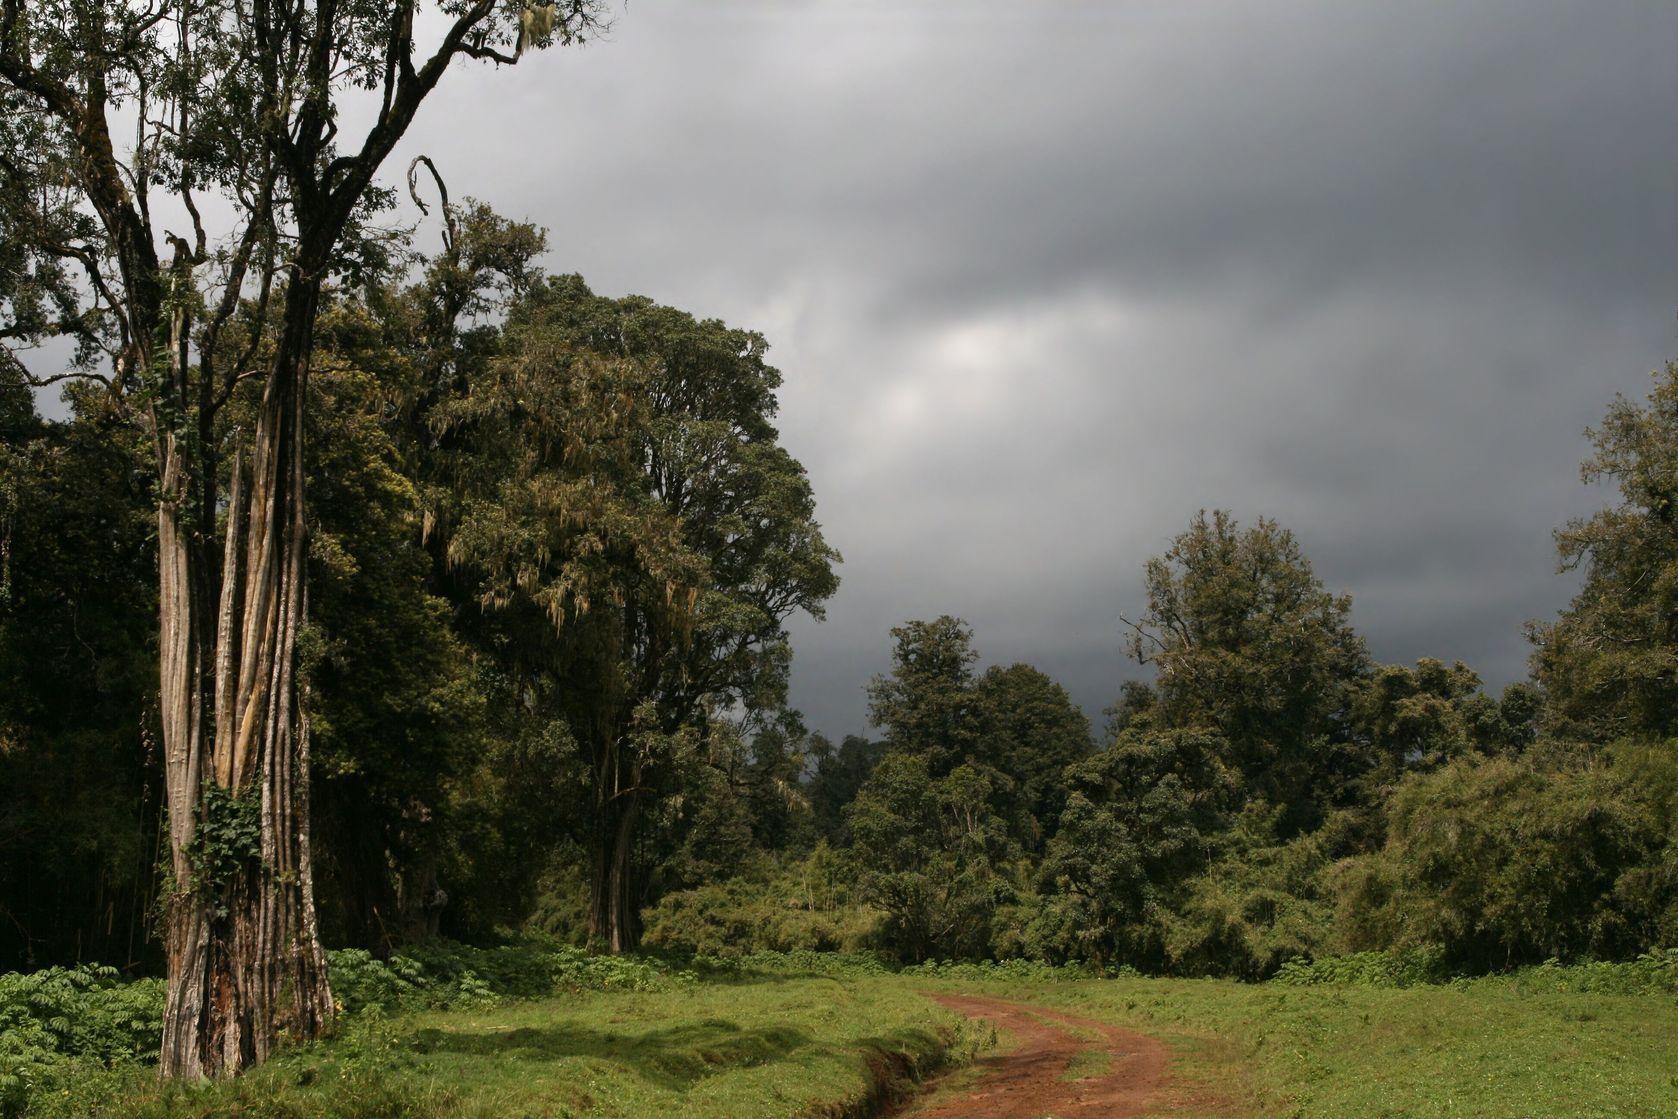 Národní park Mount Kenya | jkfoto/123RF.com